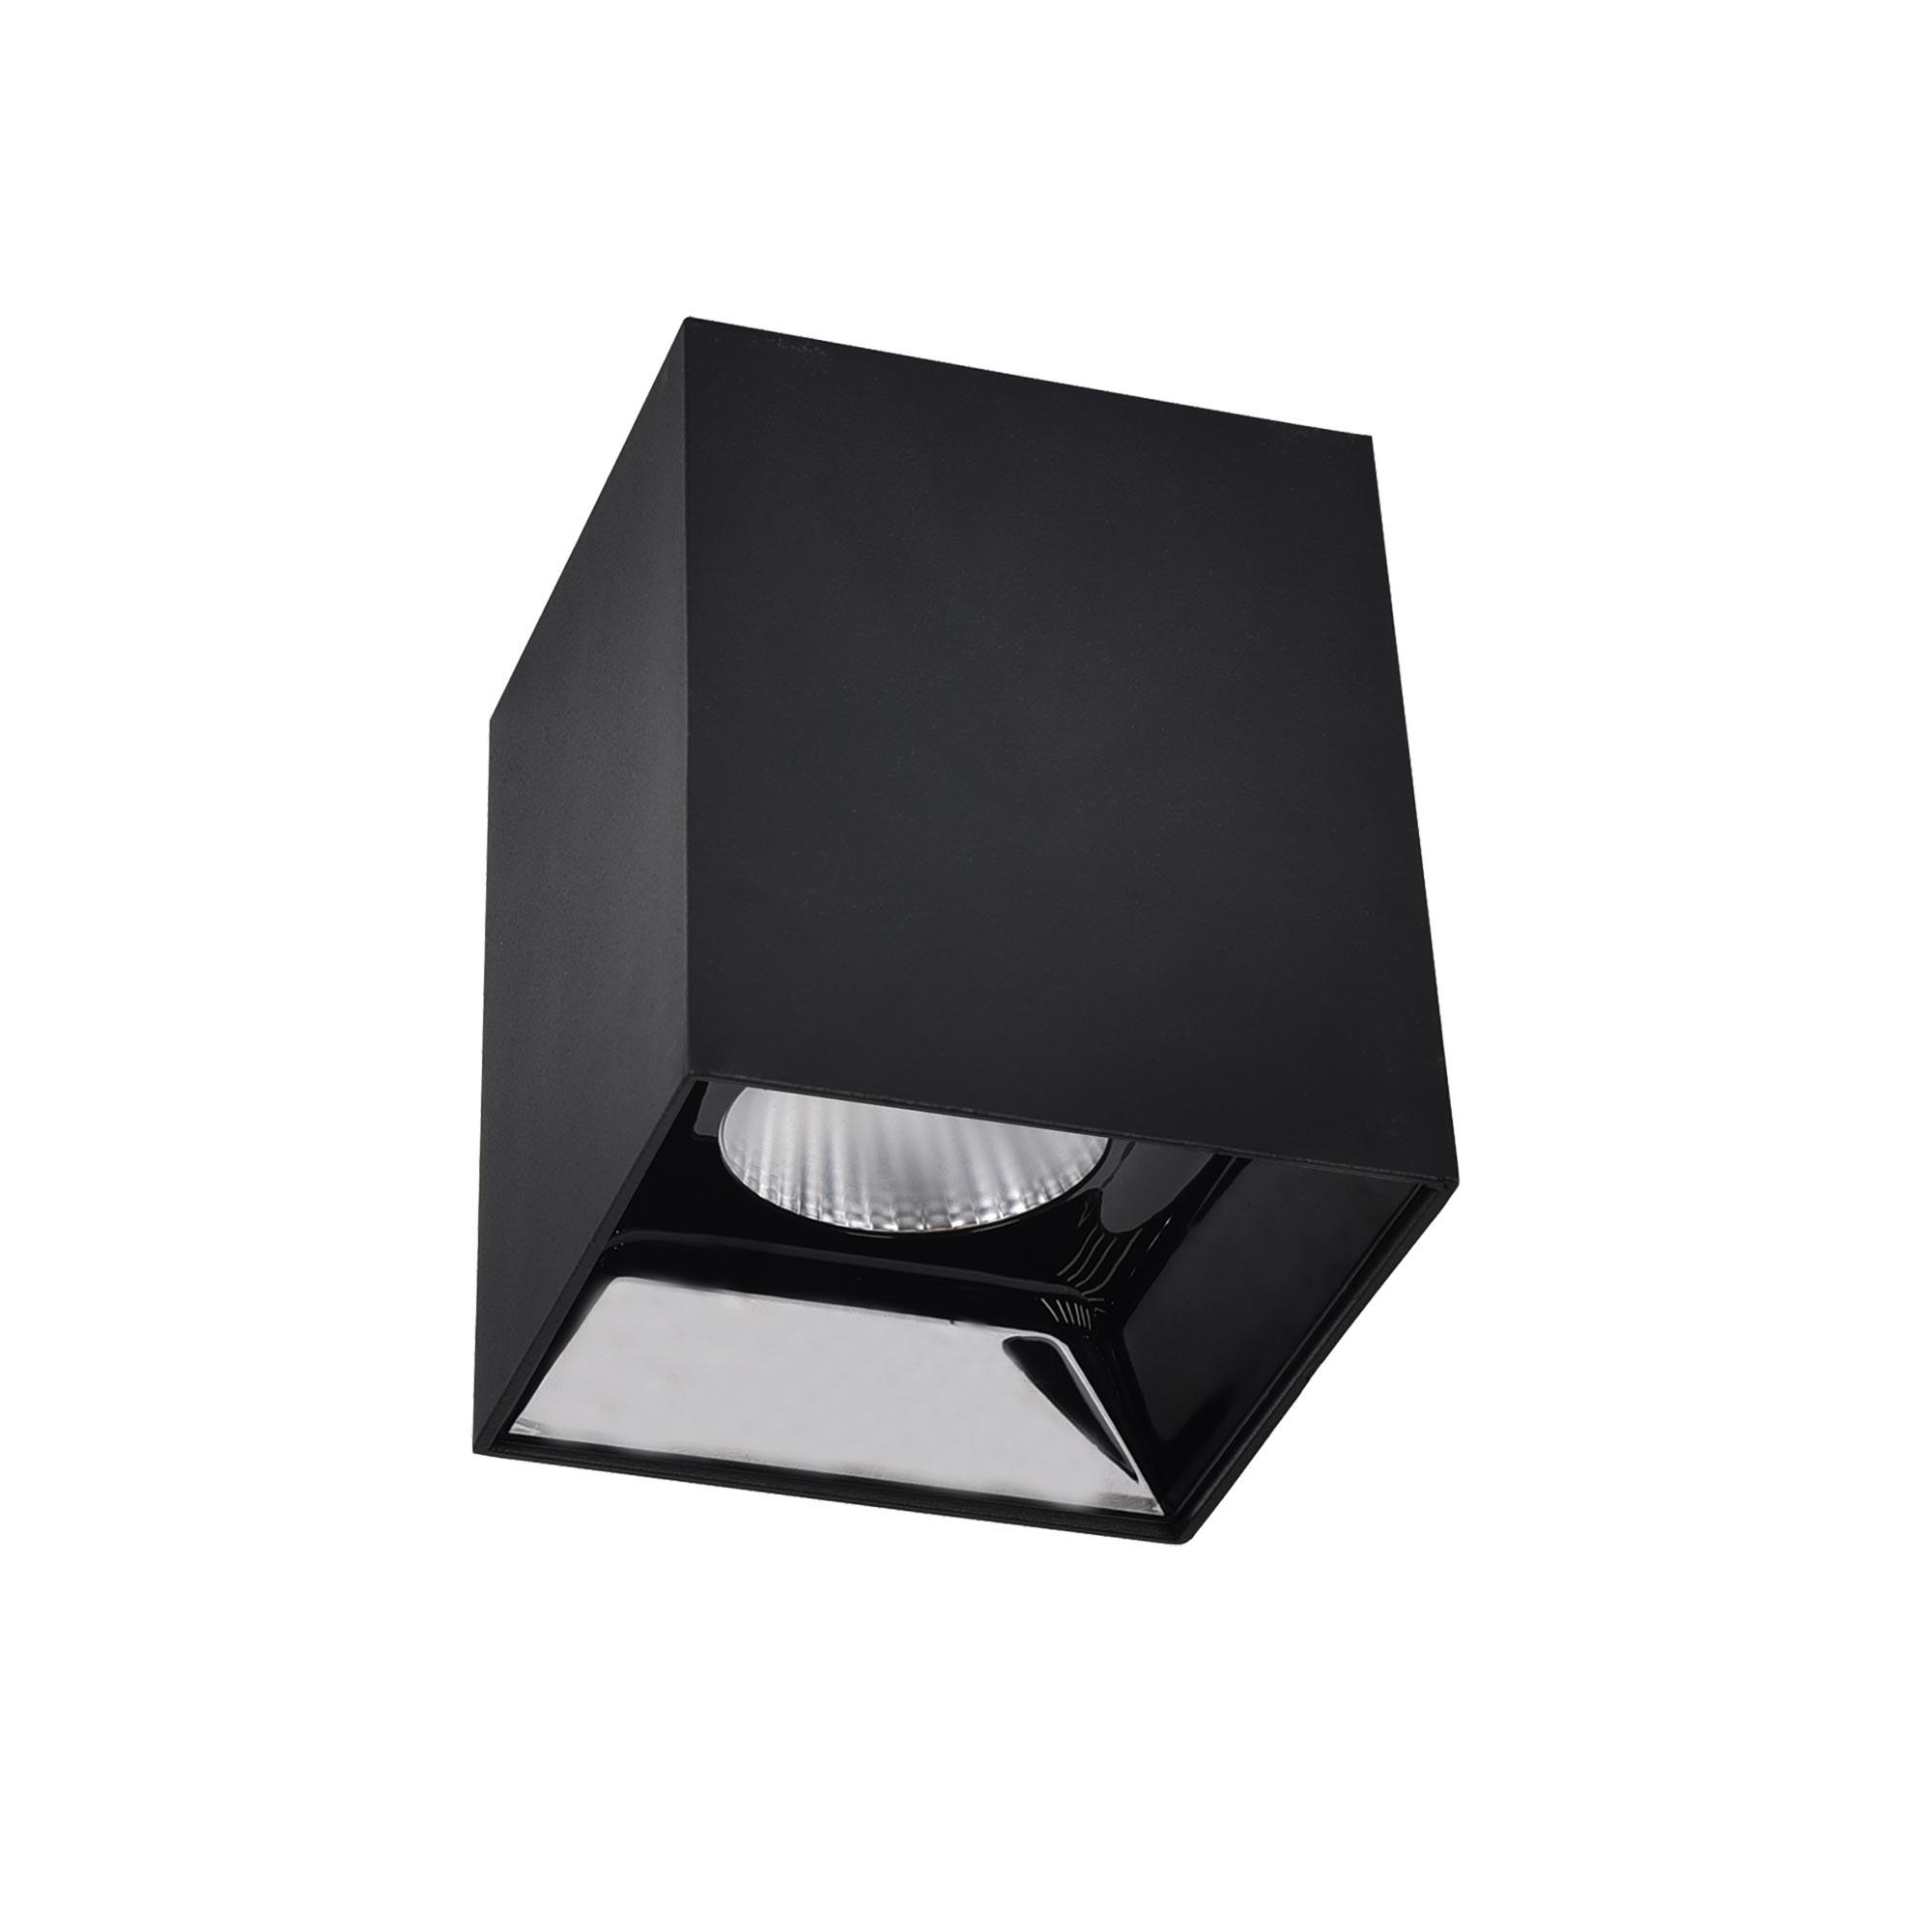 Настенно-потолочный светодиодный светильник Citilux cl7440211 старк 12wх3500k настенно потолочный светодиодный светильник citilux cl7440101 старк 12wх3500k